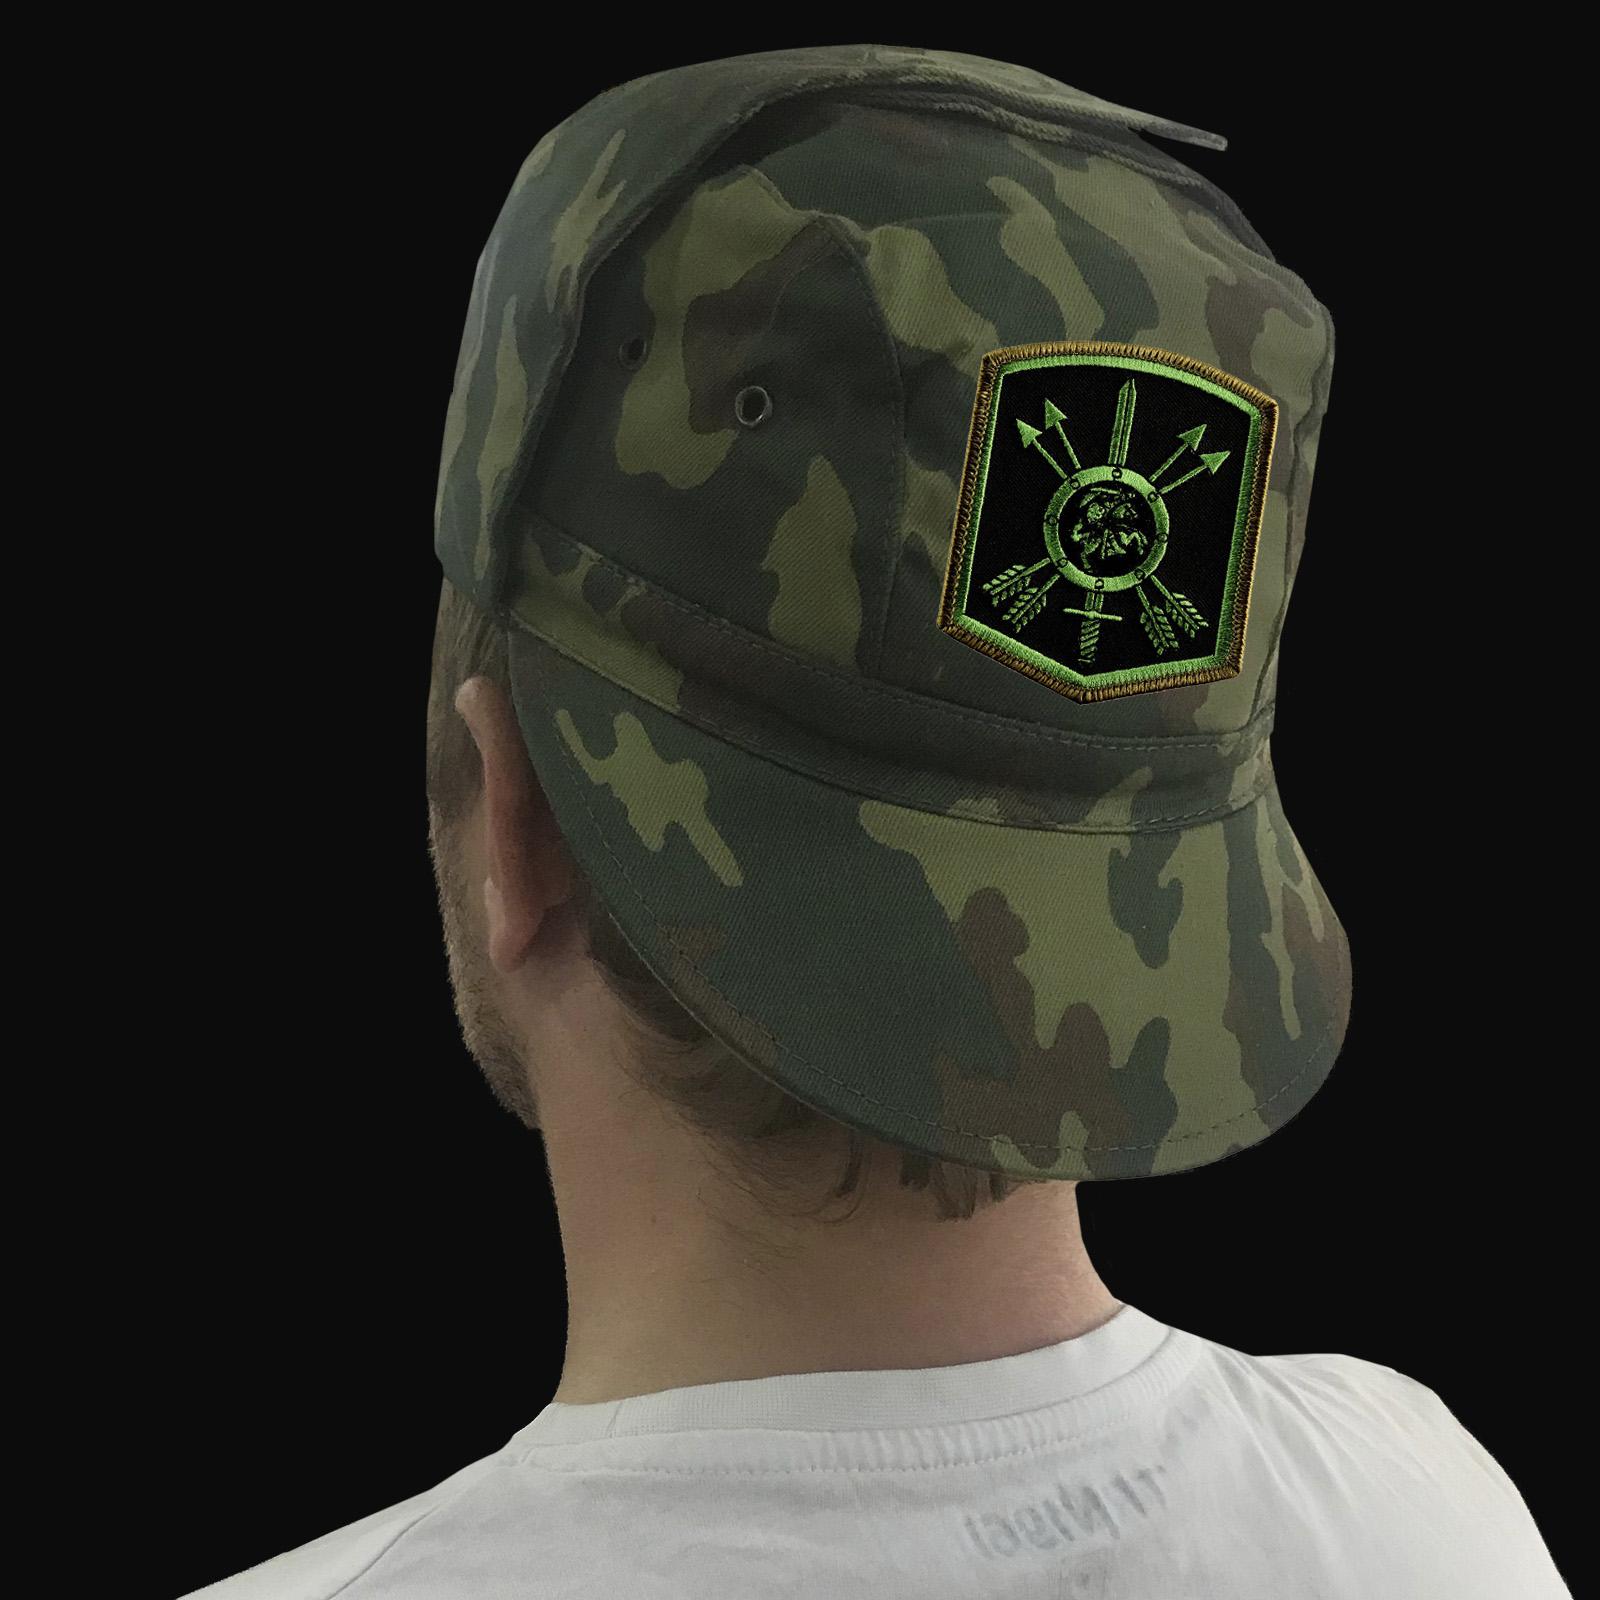 Продажа кепок и других товаров с символикой РВСН